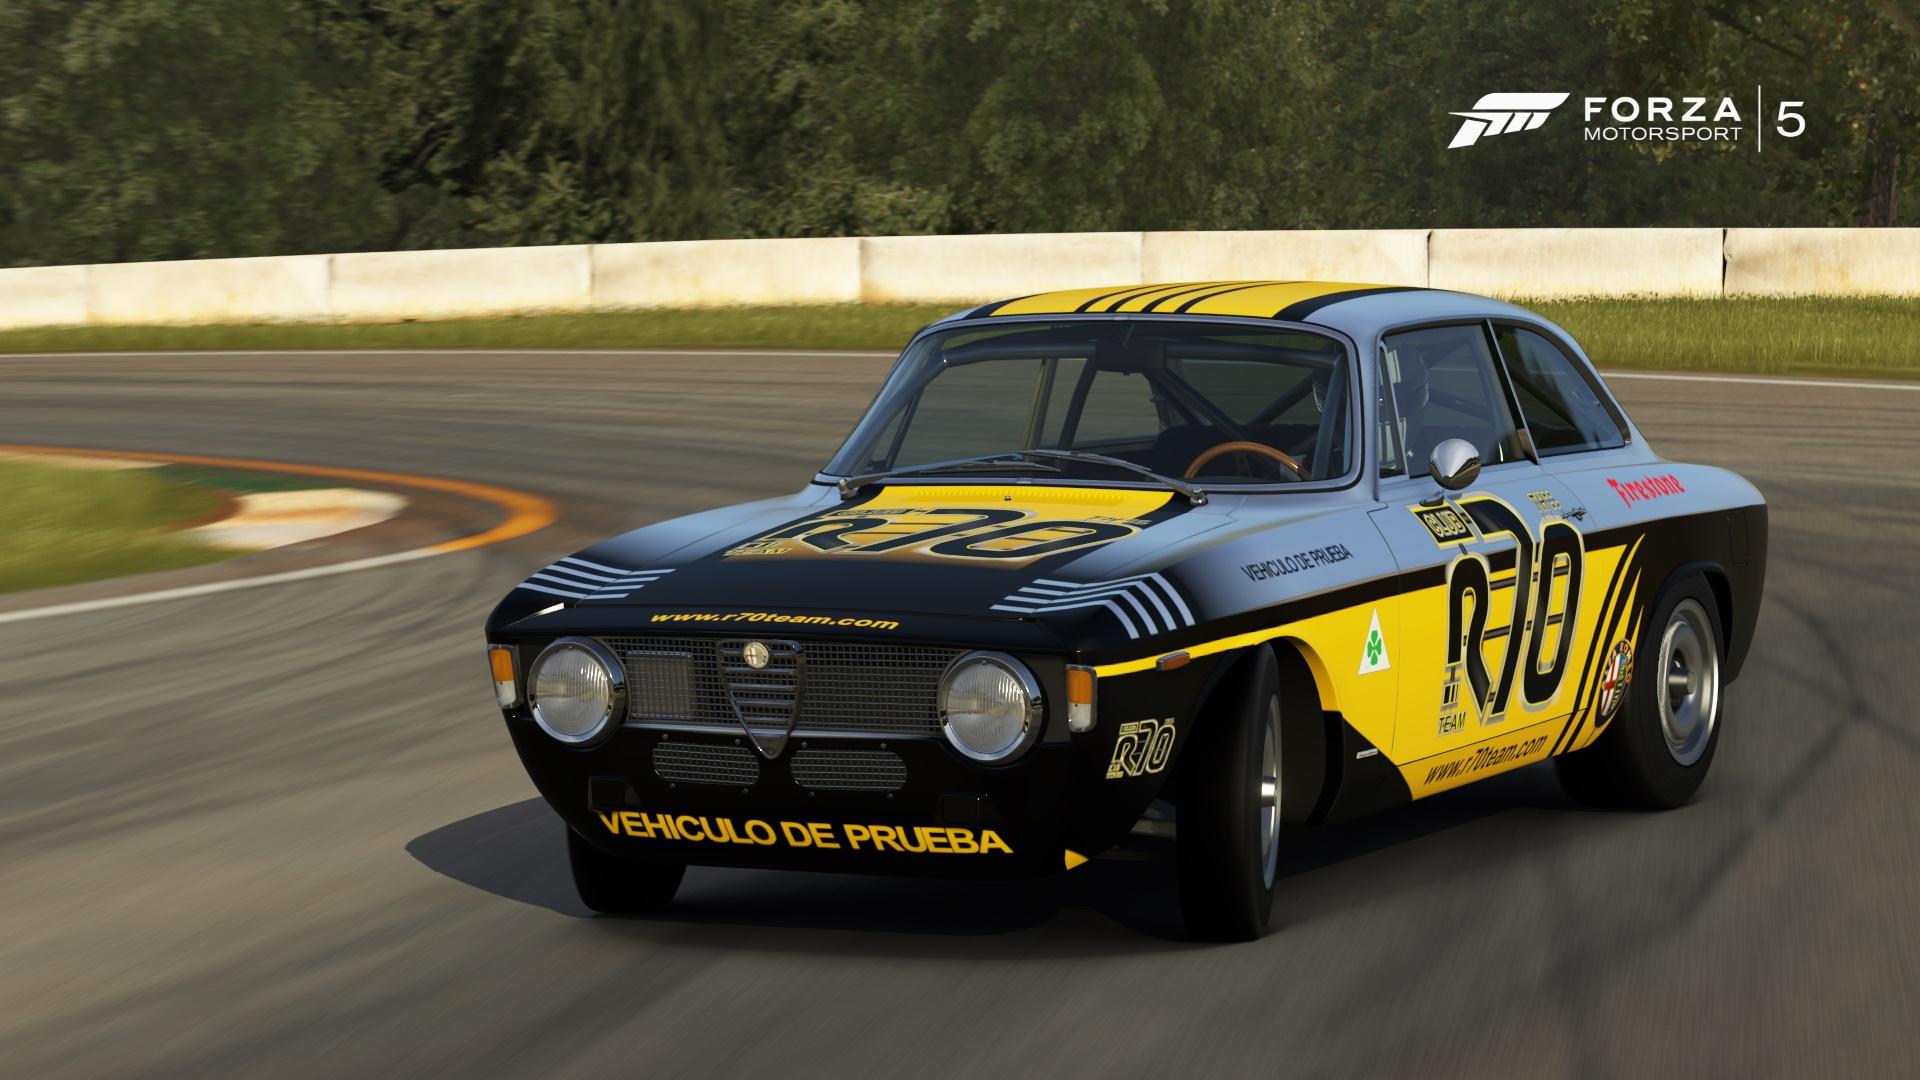 [Pruebas de Acceso] Forza Motorsport 5 - Página 10 P3ai